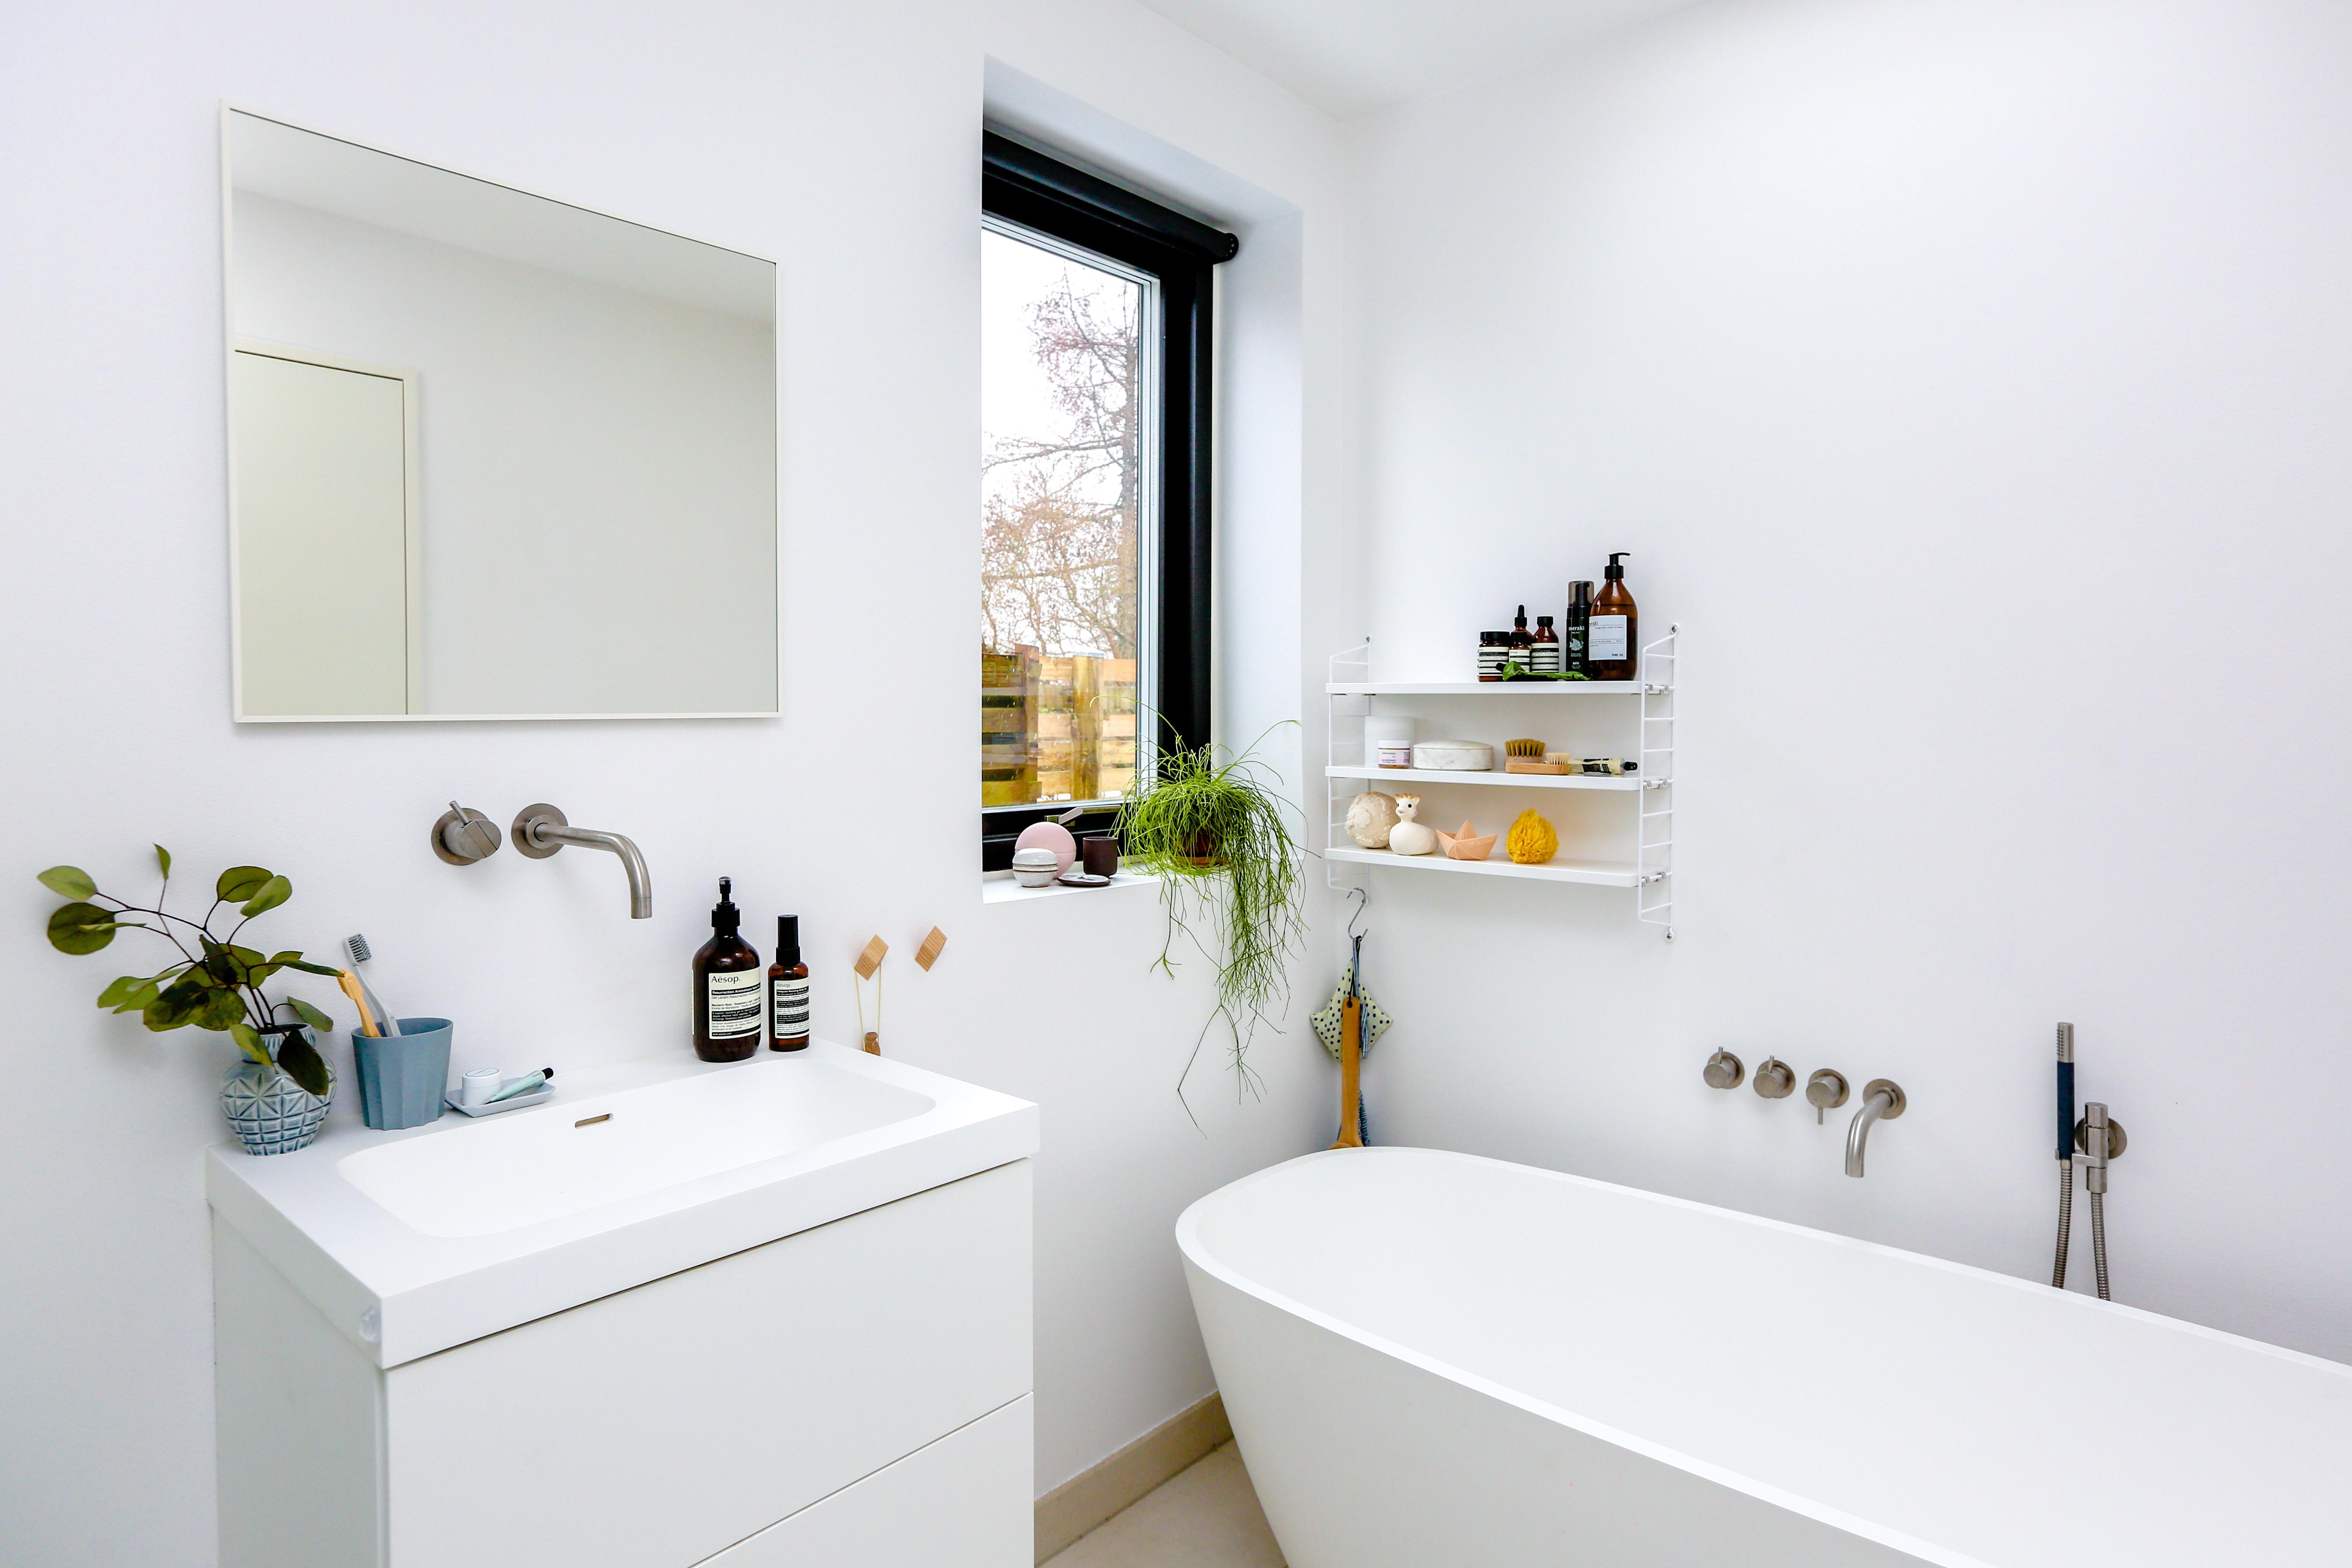 Wanny Dla Niepełnosprawnych Jak Zaaranżować łazienkę